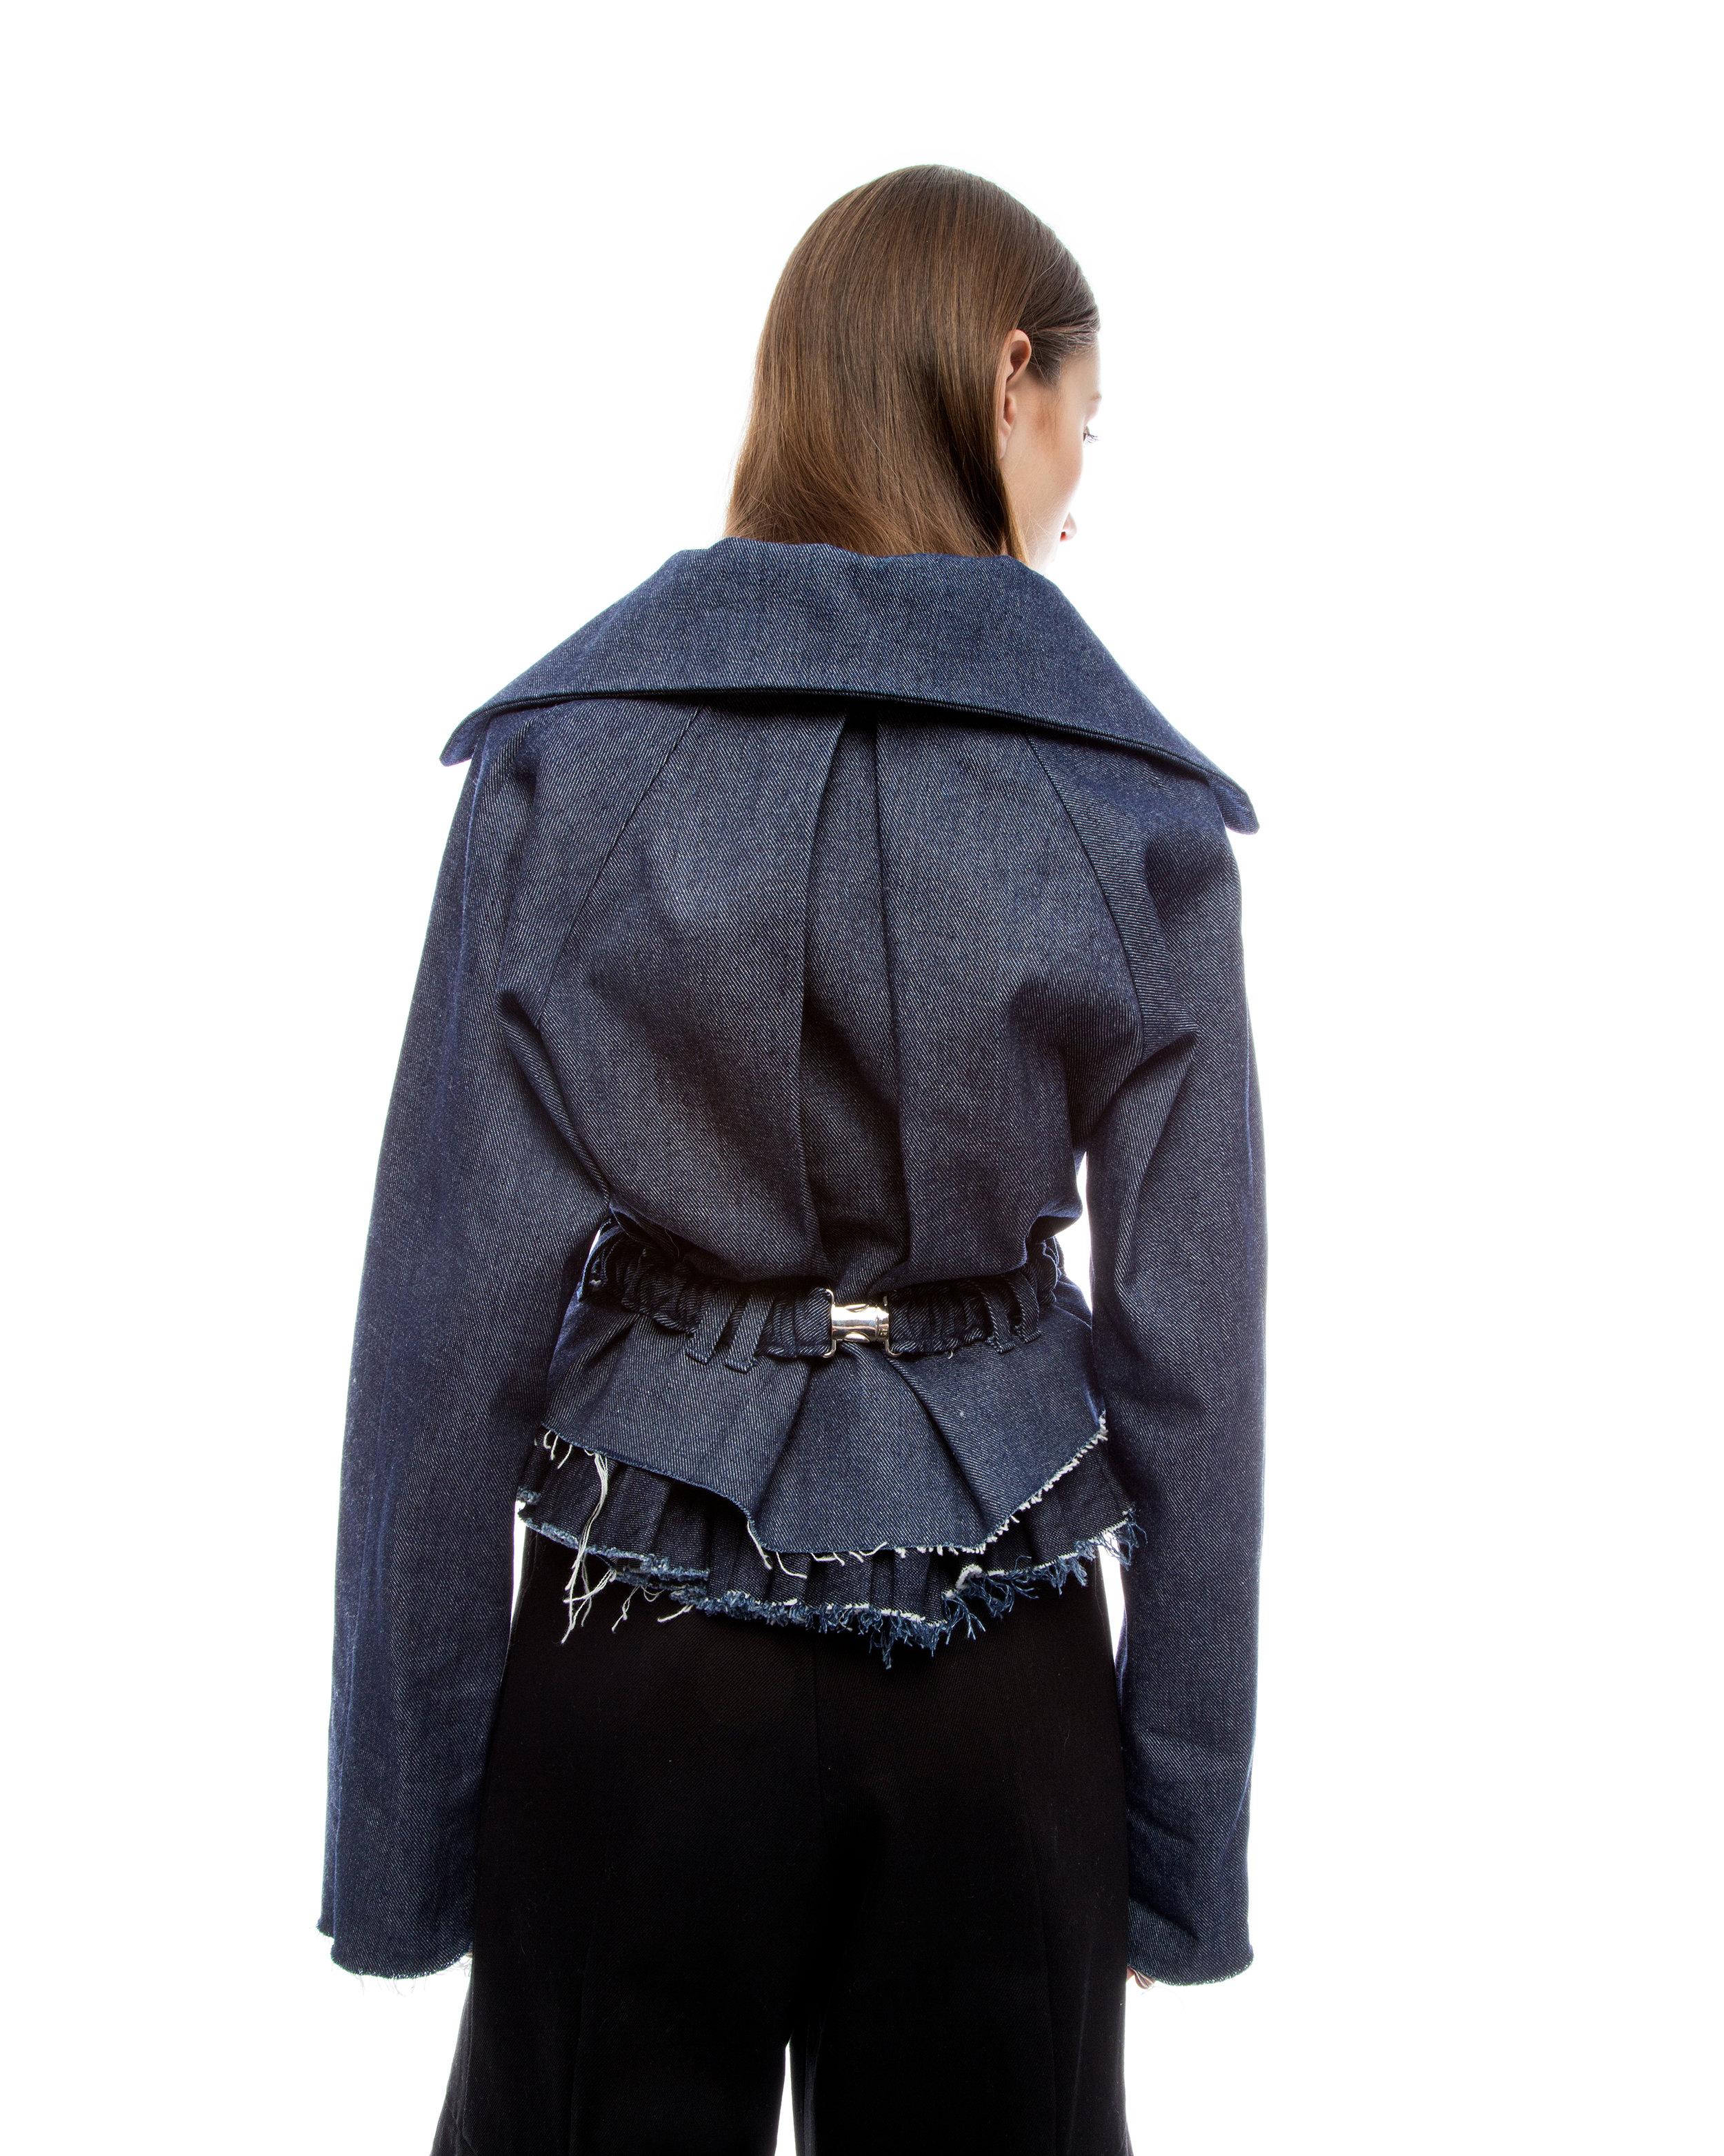 04-olya-kosterina-utility-denim-jacket.jpg